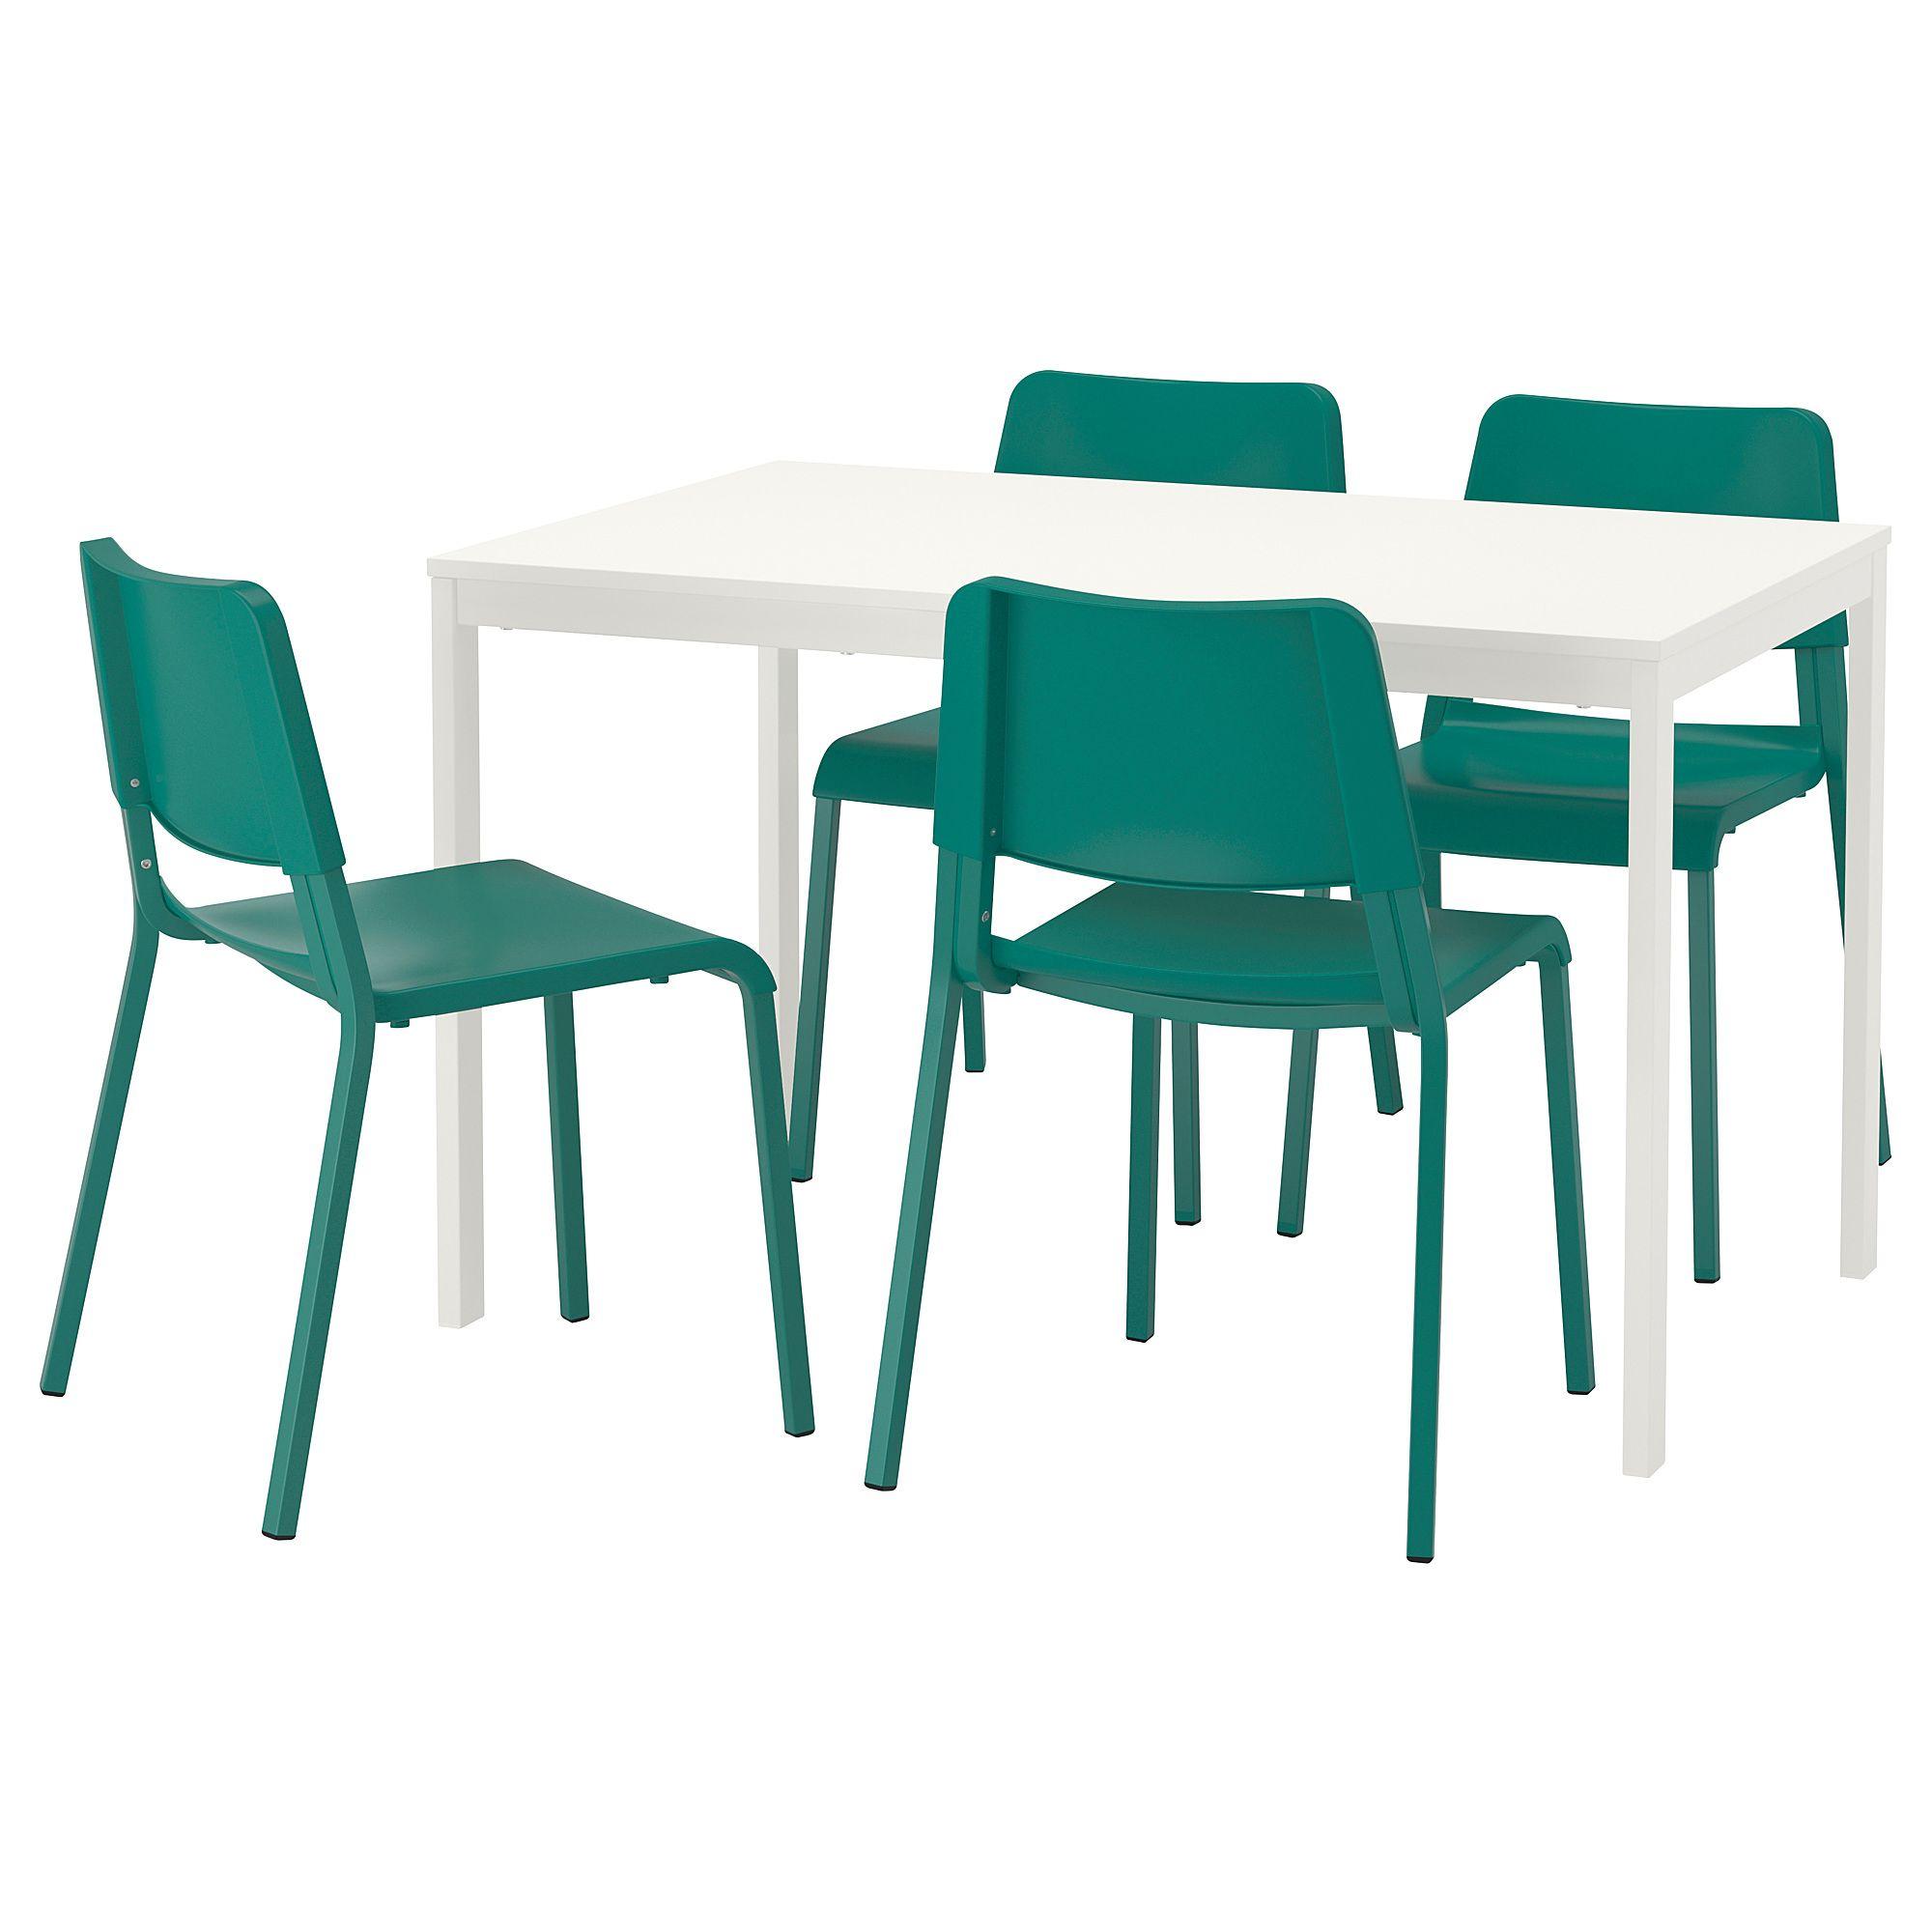 VANGSTA / TEODORES Tisch und 4 Stühle weiß, grün Weiße